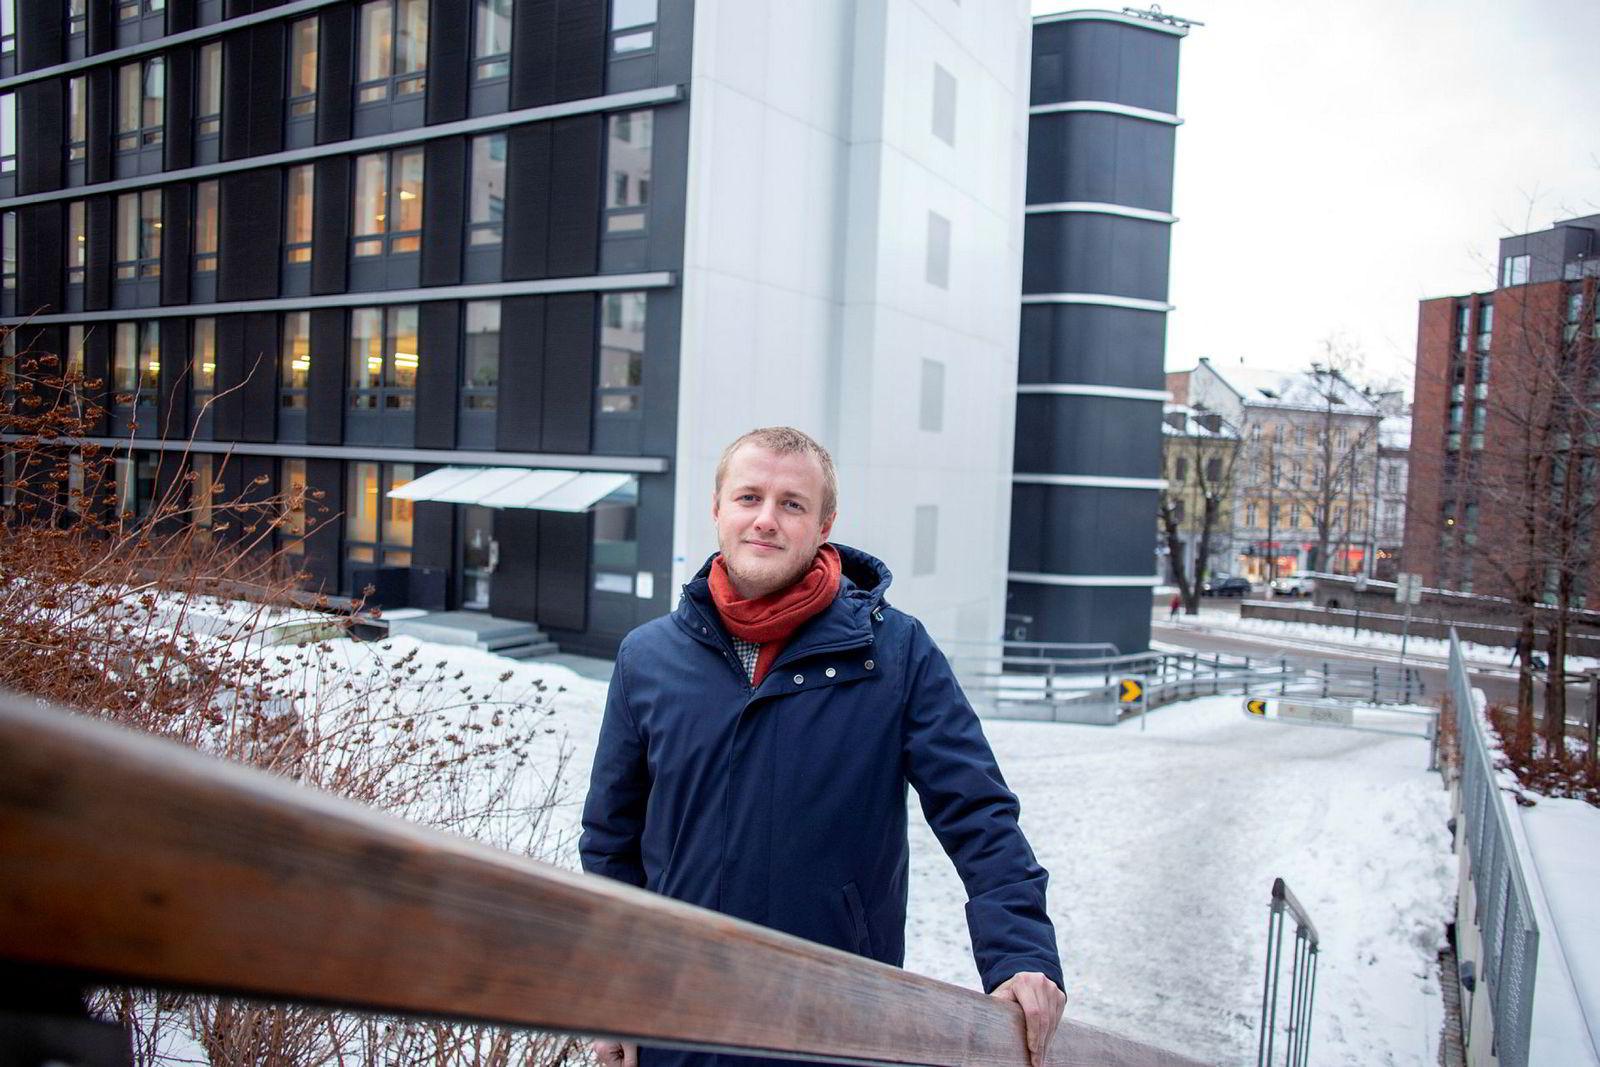 Håkon Randgaard Mikalsen, leder for Norsk studentorganisasjon (NSO), synes det er oppsiktsvekkende at næringslivet ikke har fått øynene opp for verdien av internasjonal erfaring.